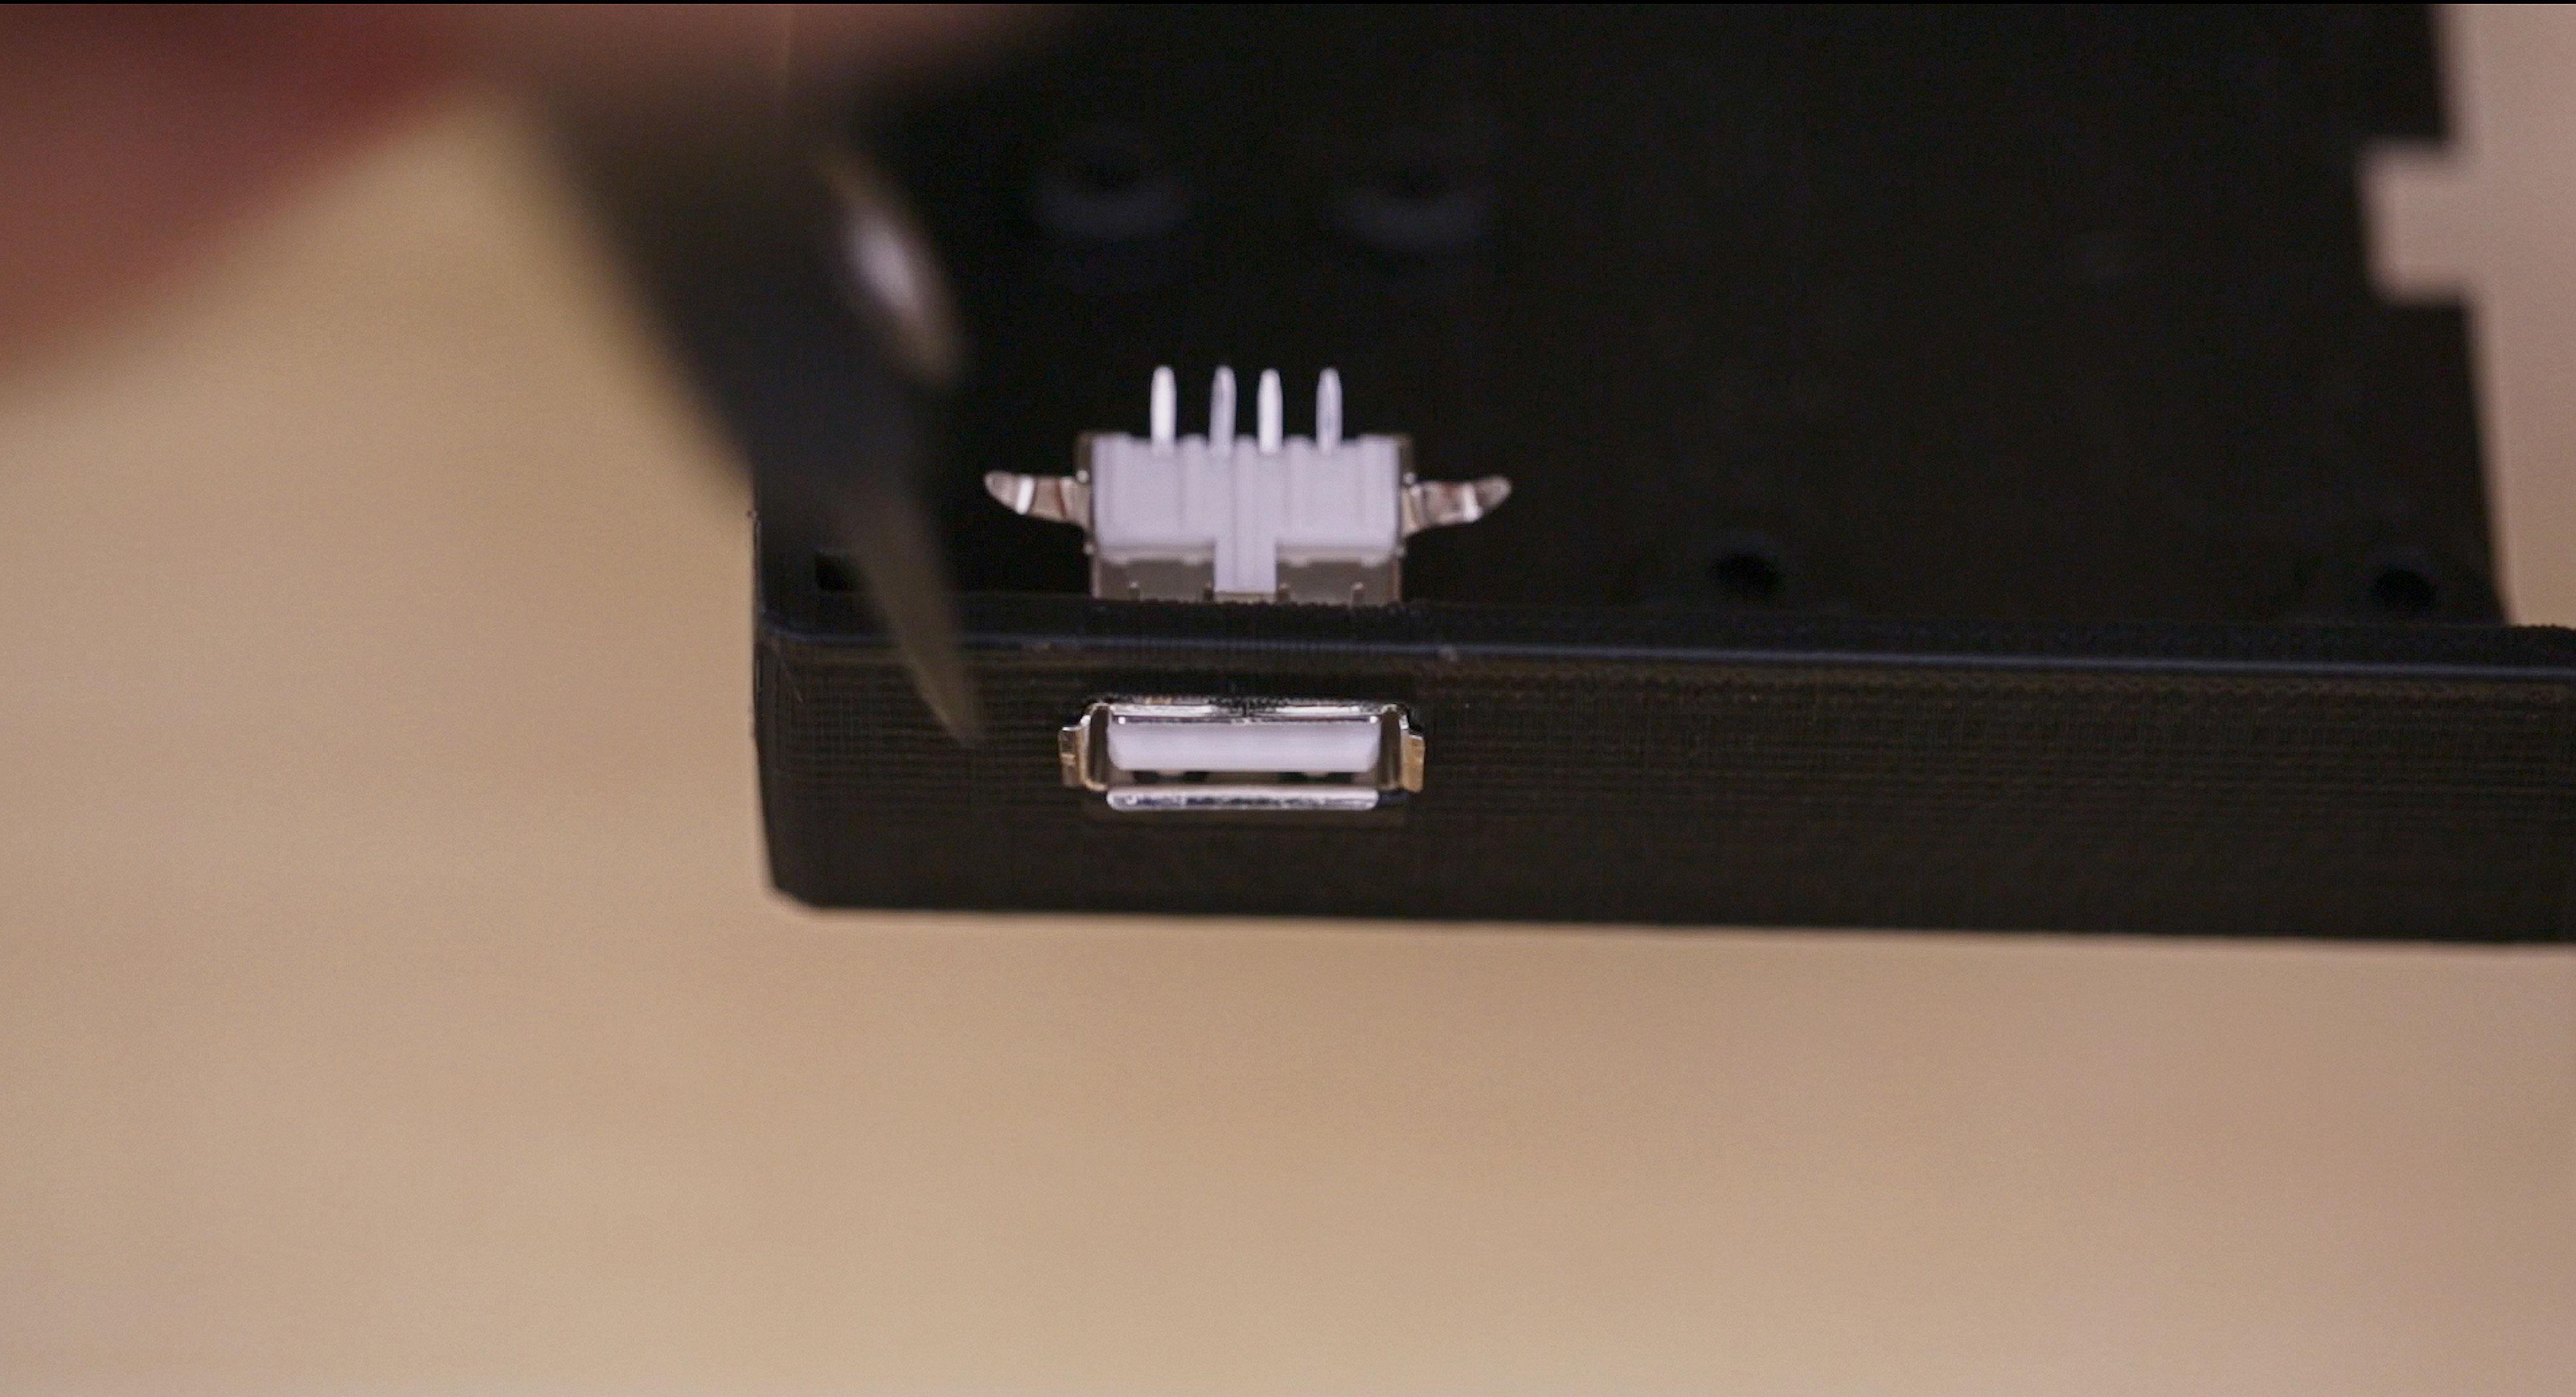 3d_printing_usb-push3d-through-bend-back.jpg